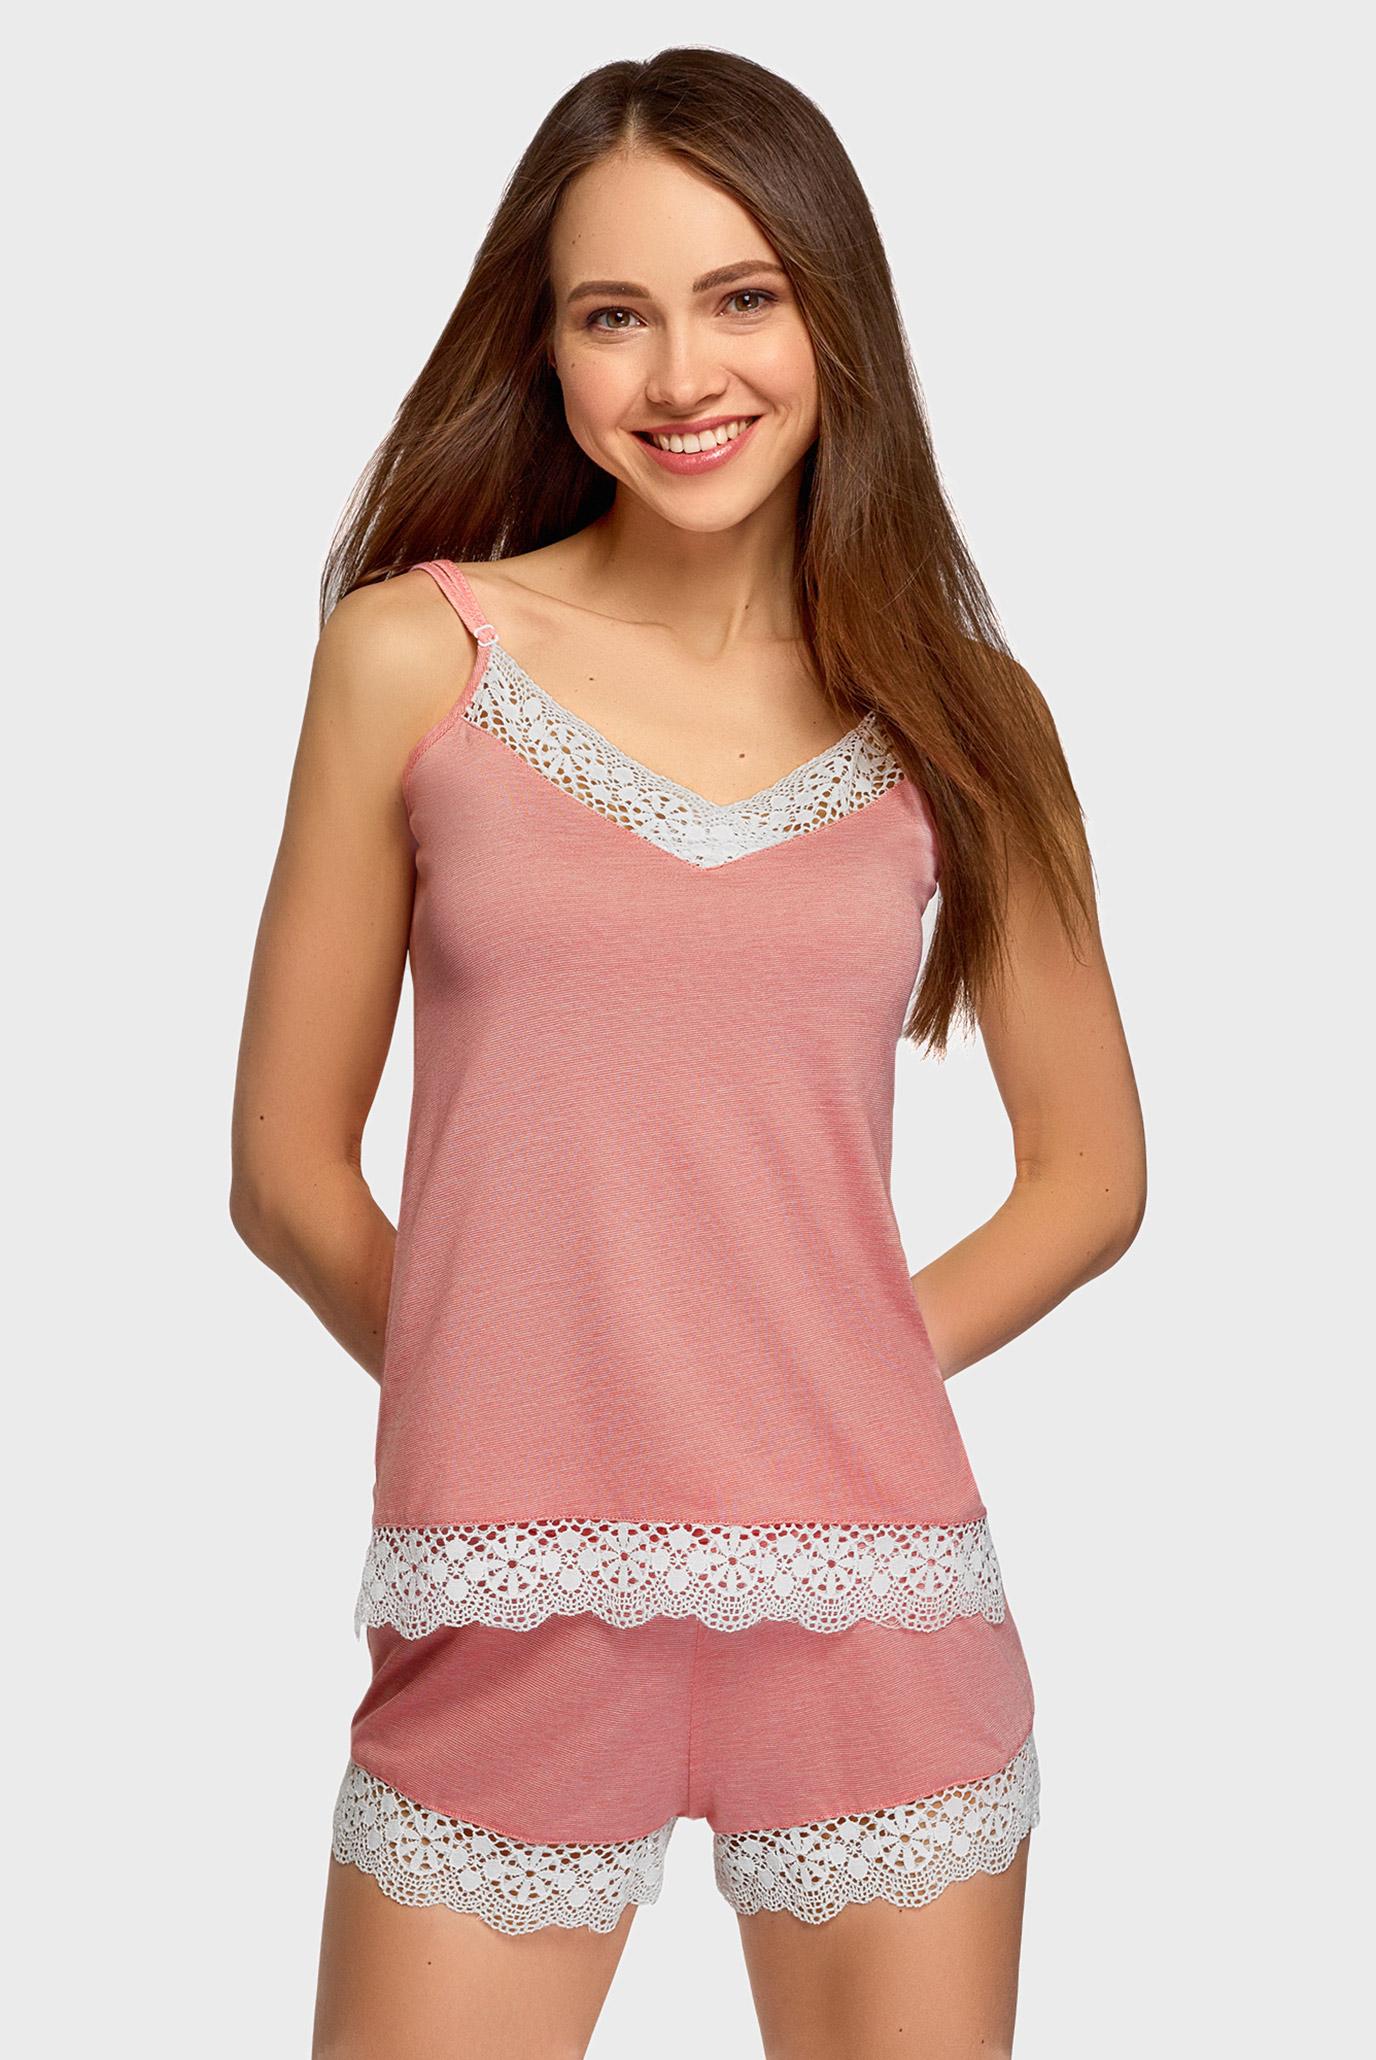 Женская розовая пижама (майка, шорти) 1